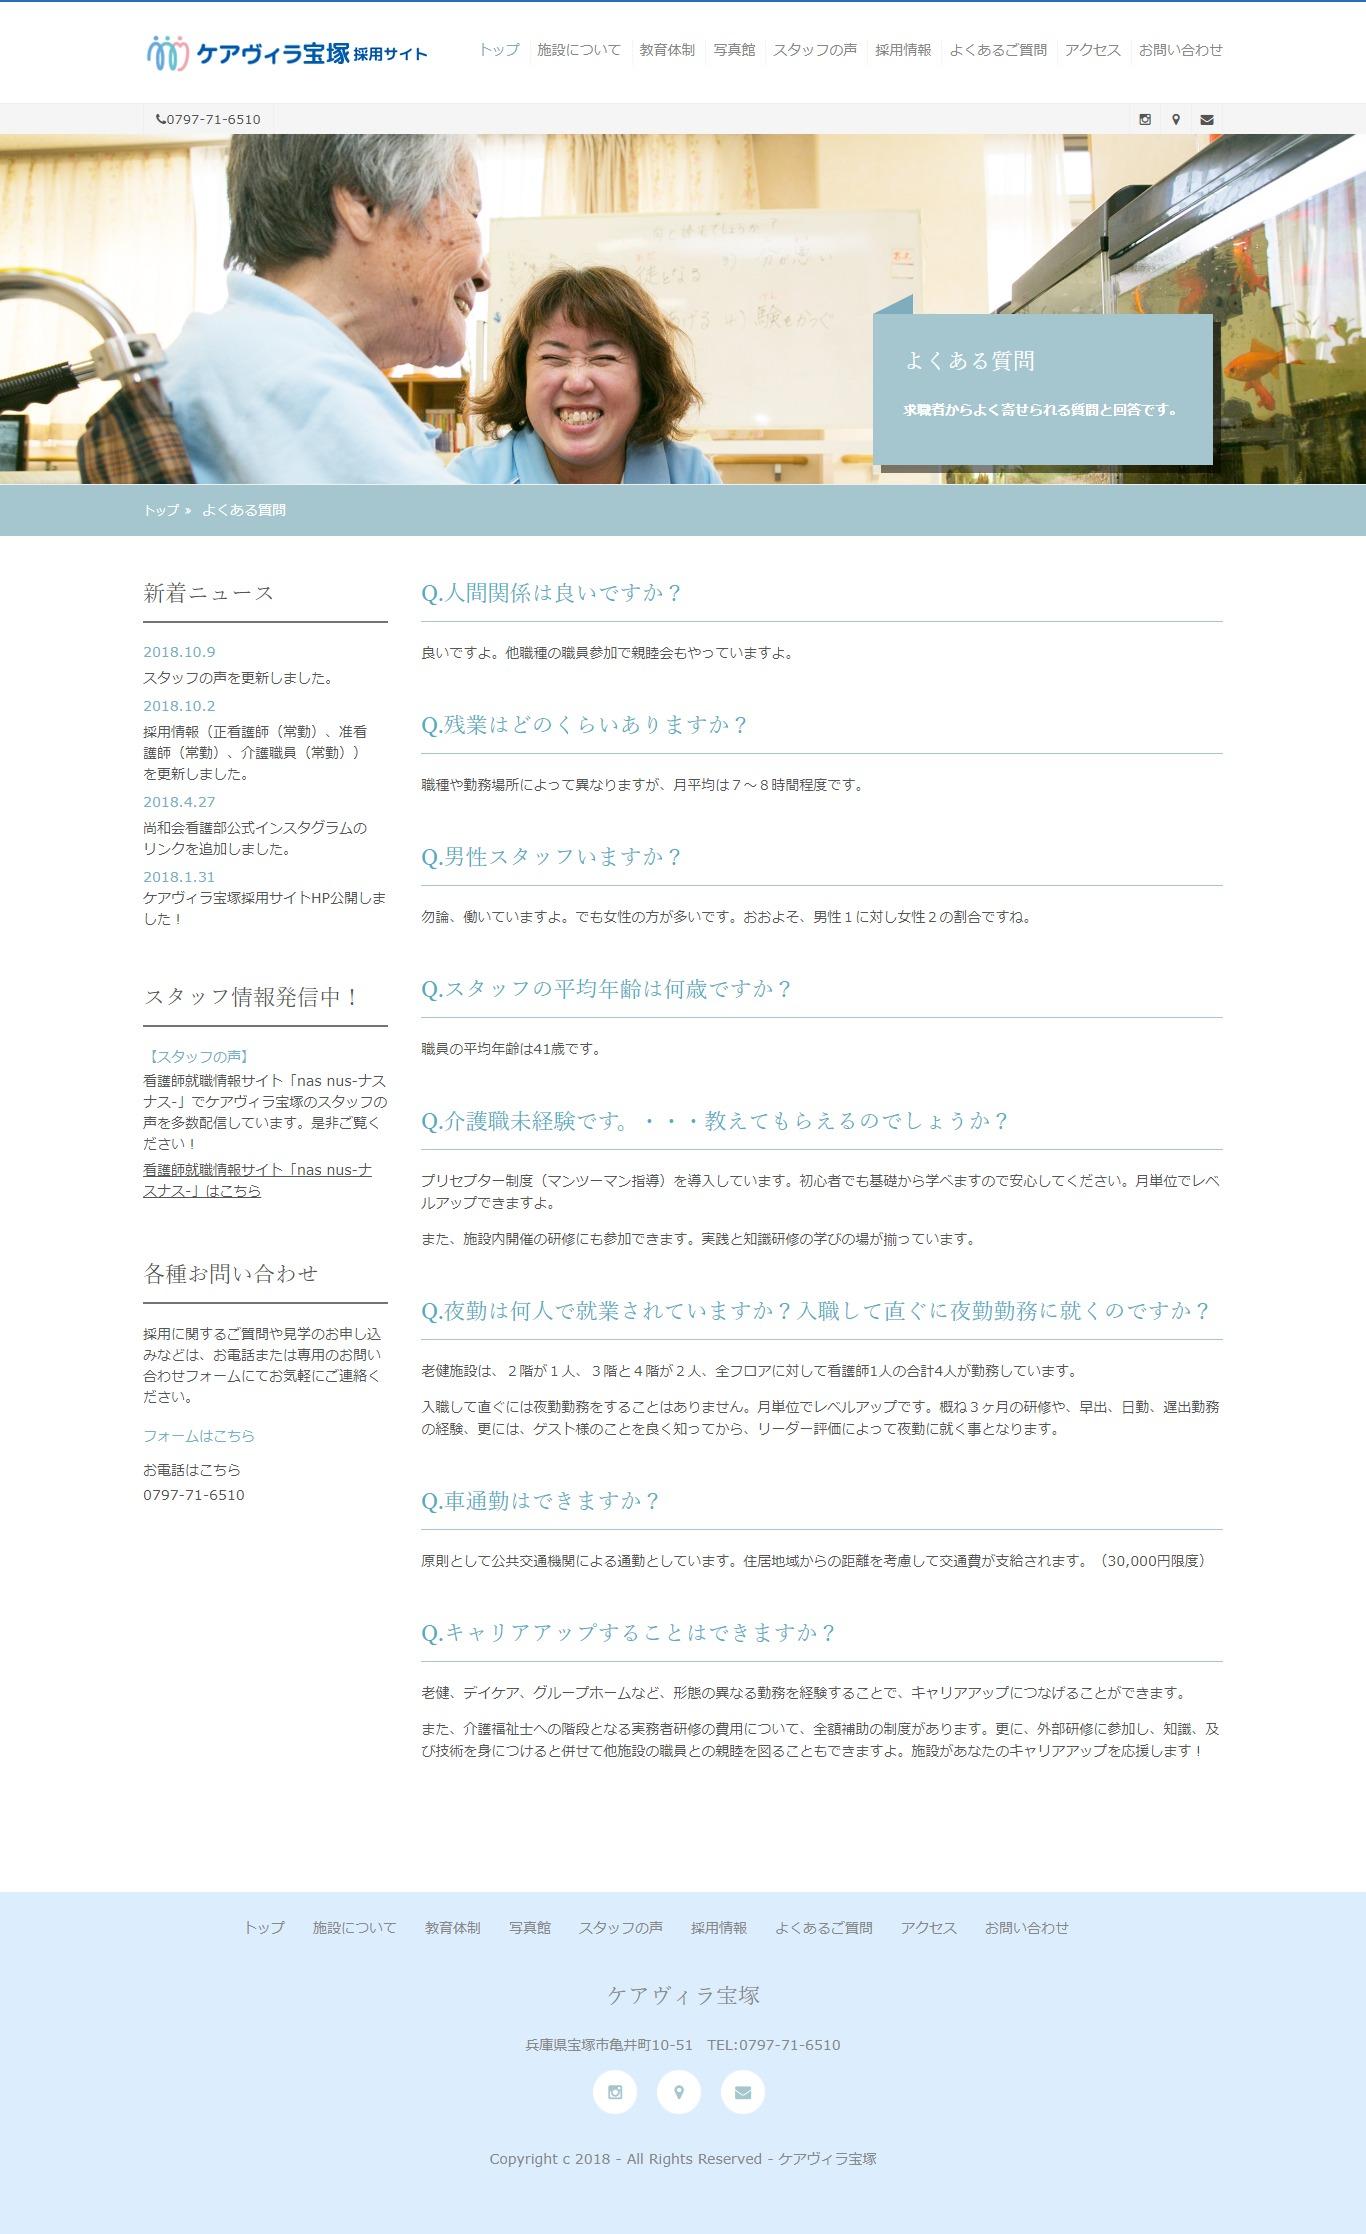 2018年1月作成「ケアヴィラ宝塚」リクルートサイト_サブ画像